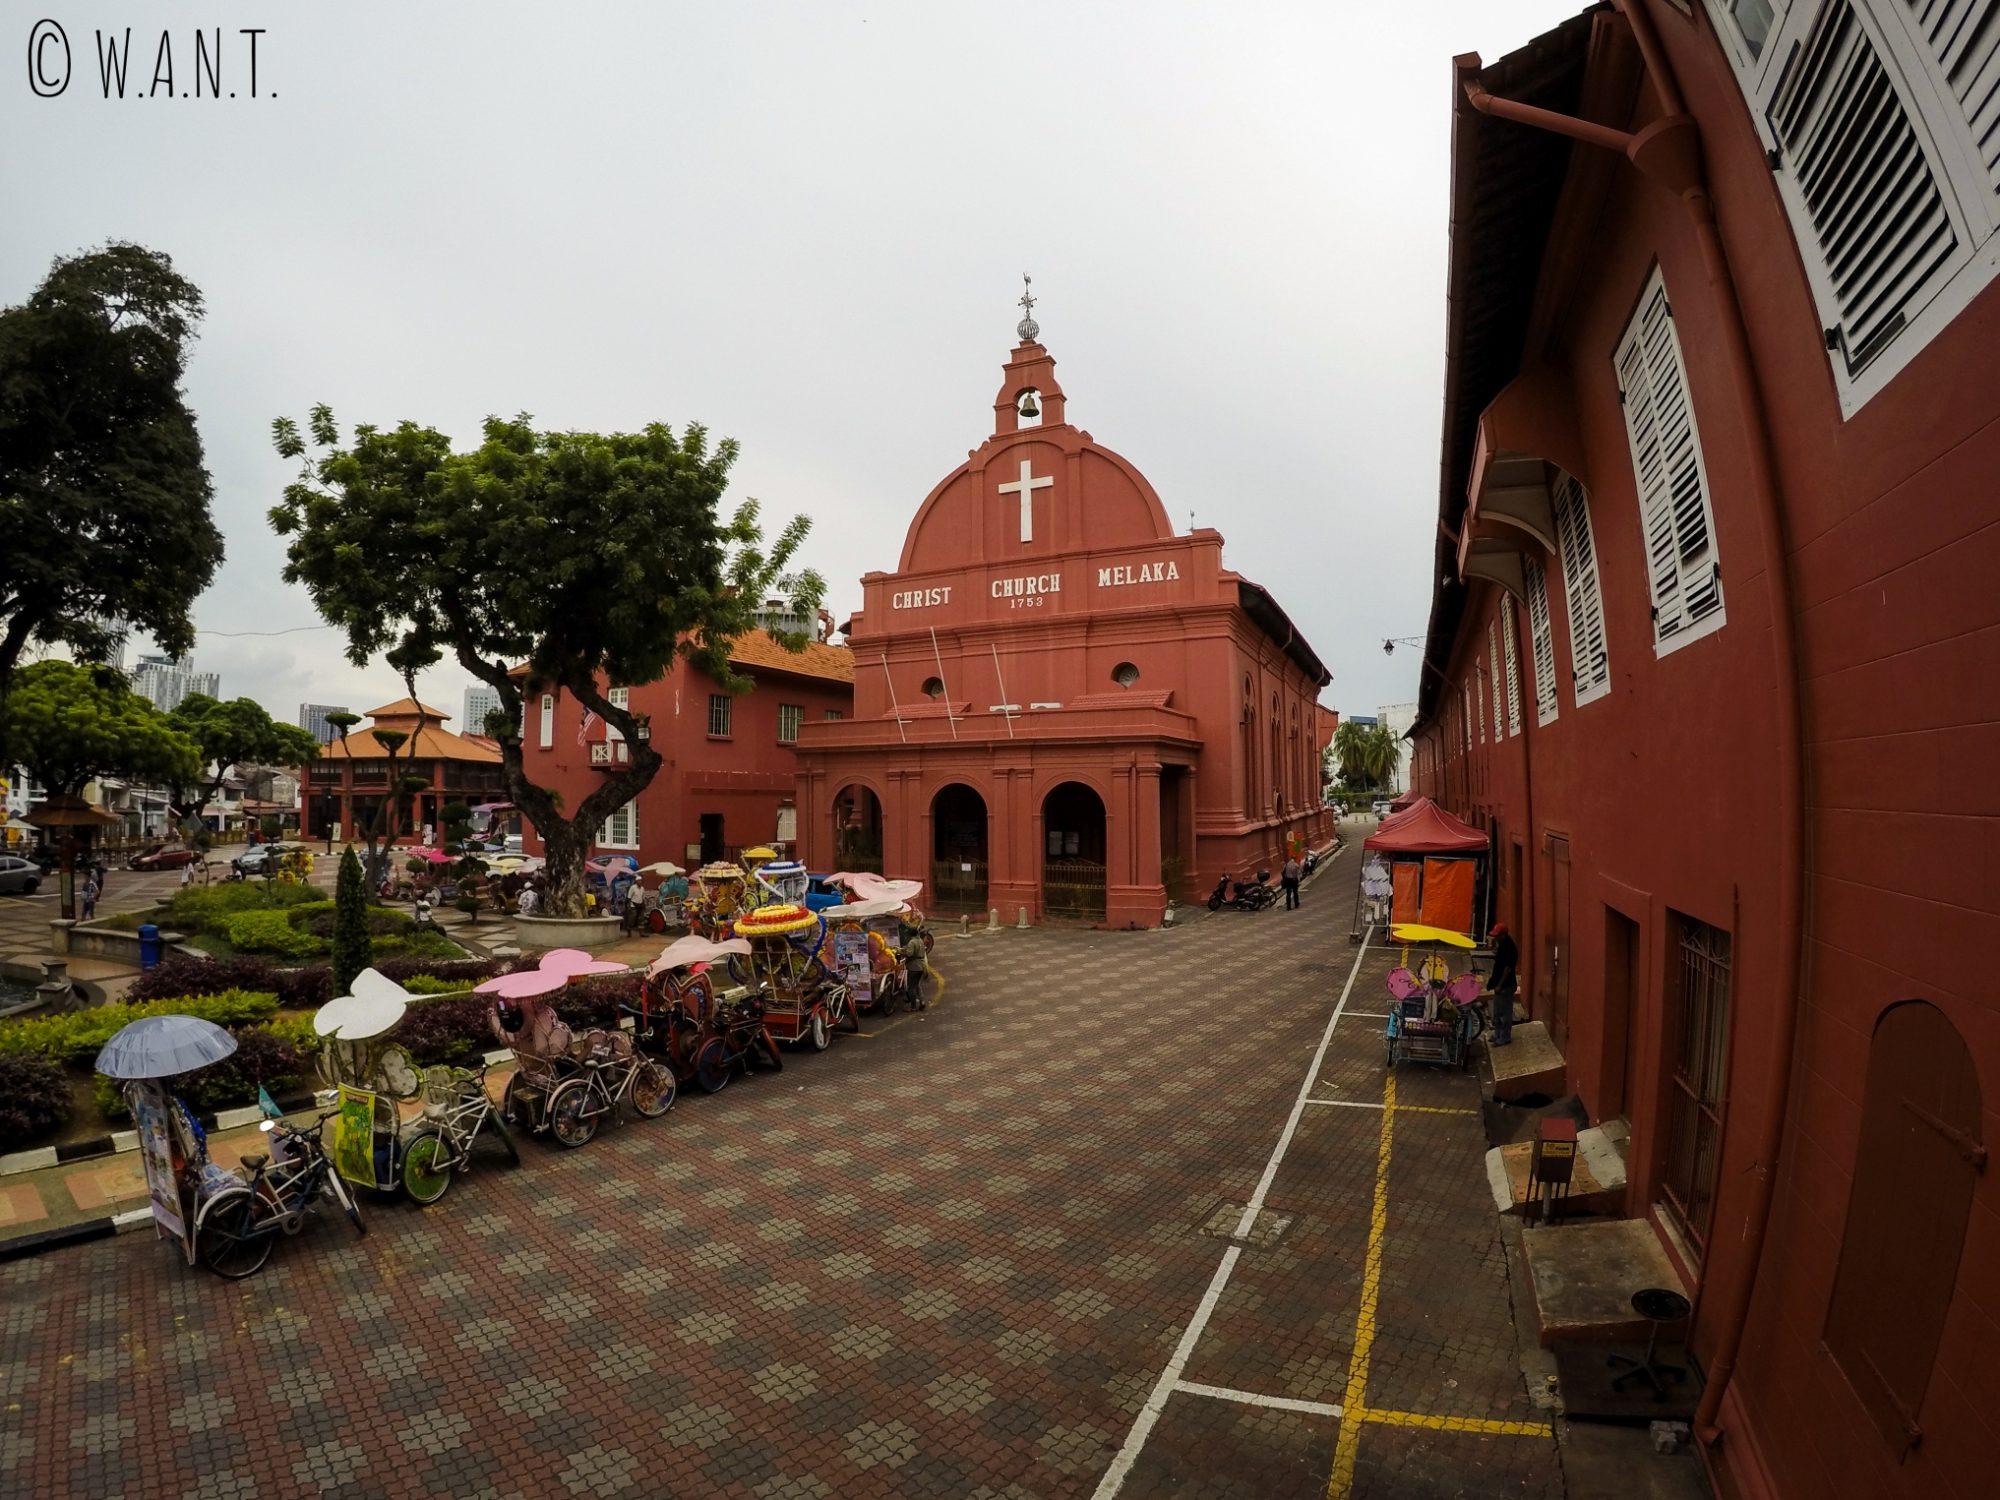 Vue sur Dutch Square et son église Christ Chruch